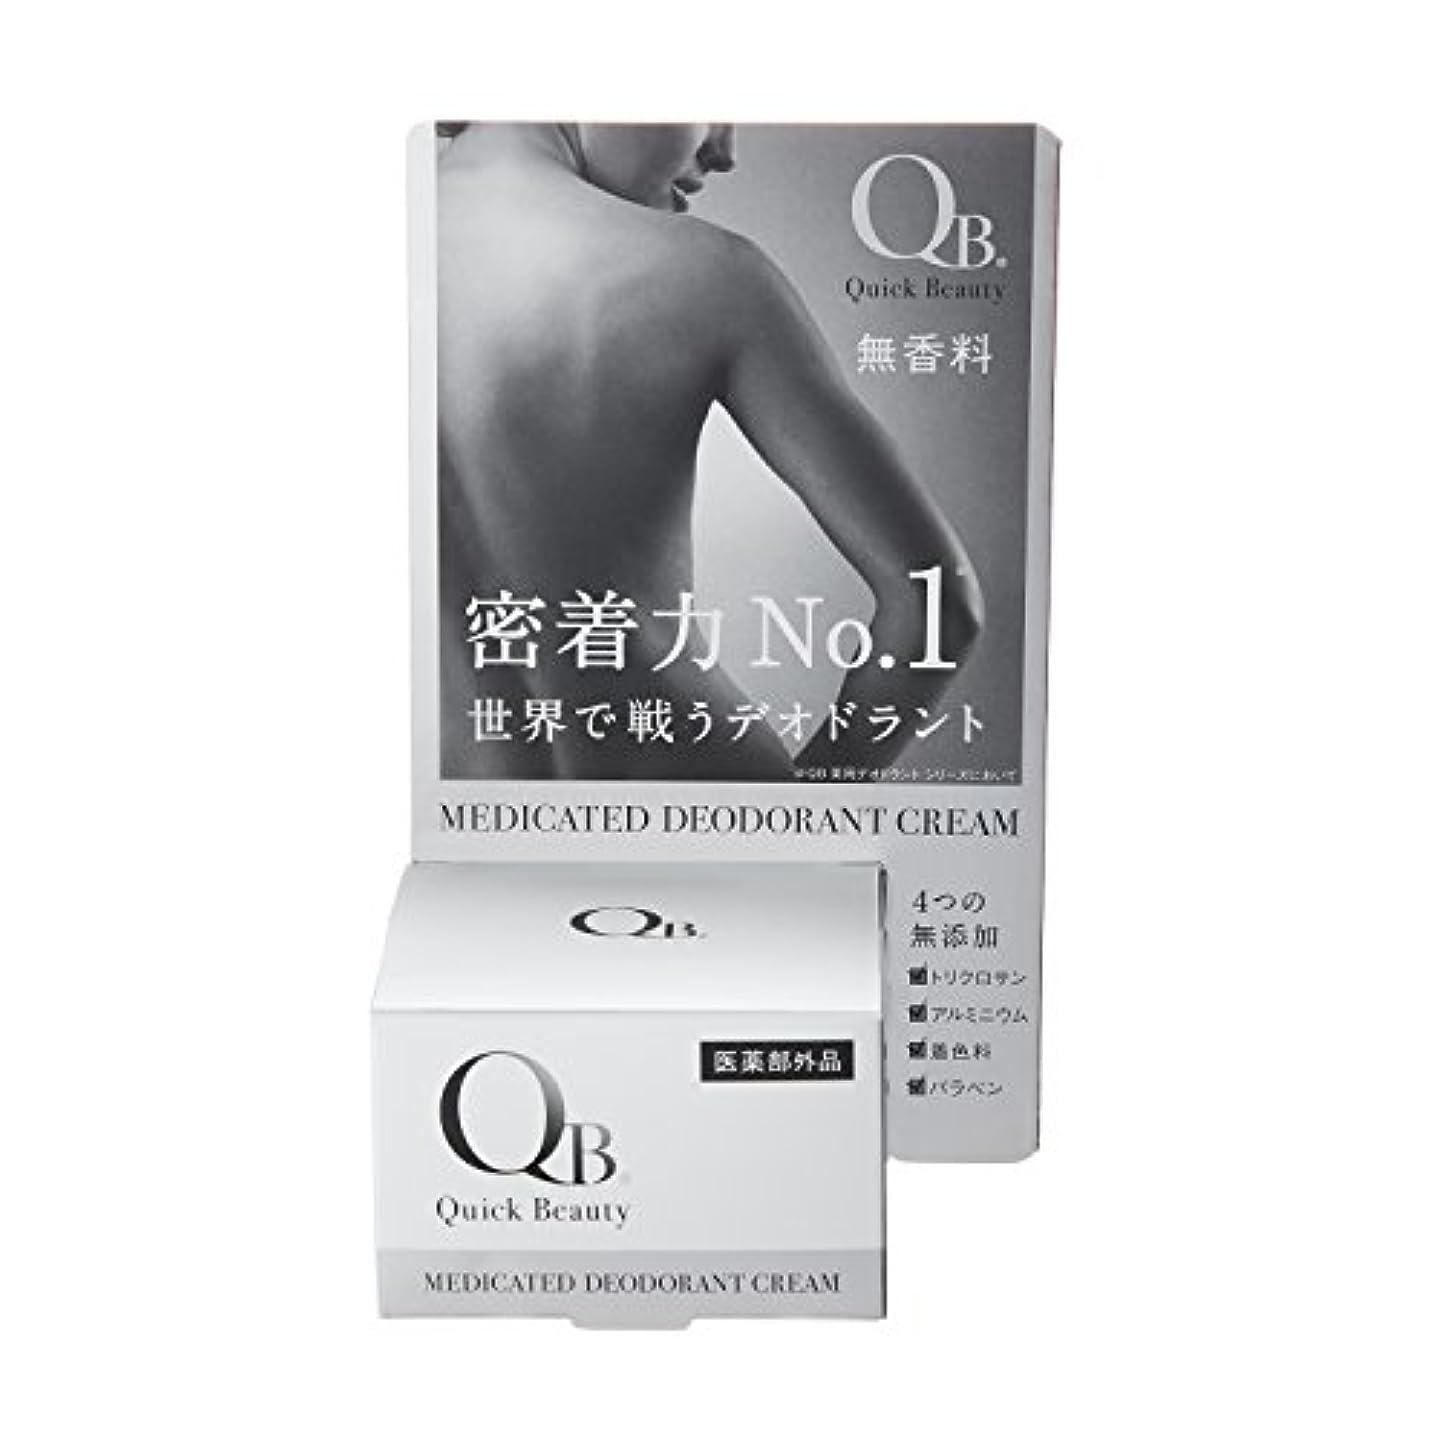 解読する倒錯関係QB 薬用デオドラントクリーム 30g